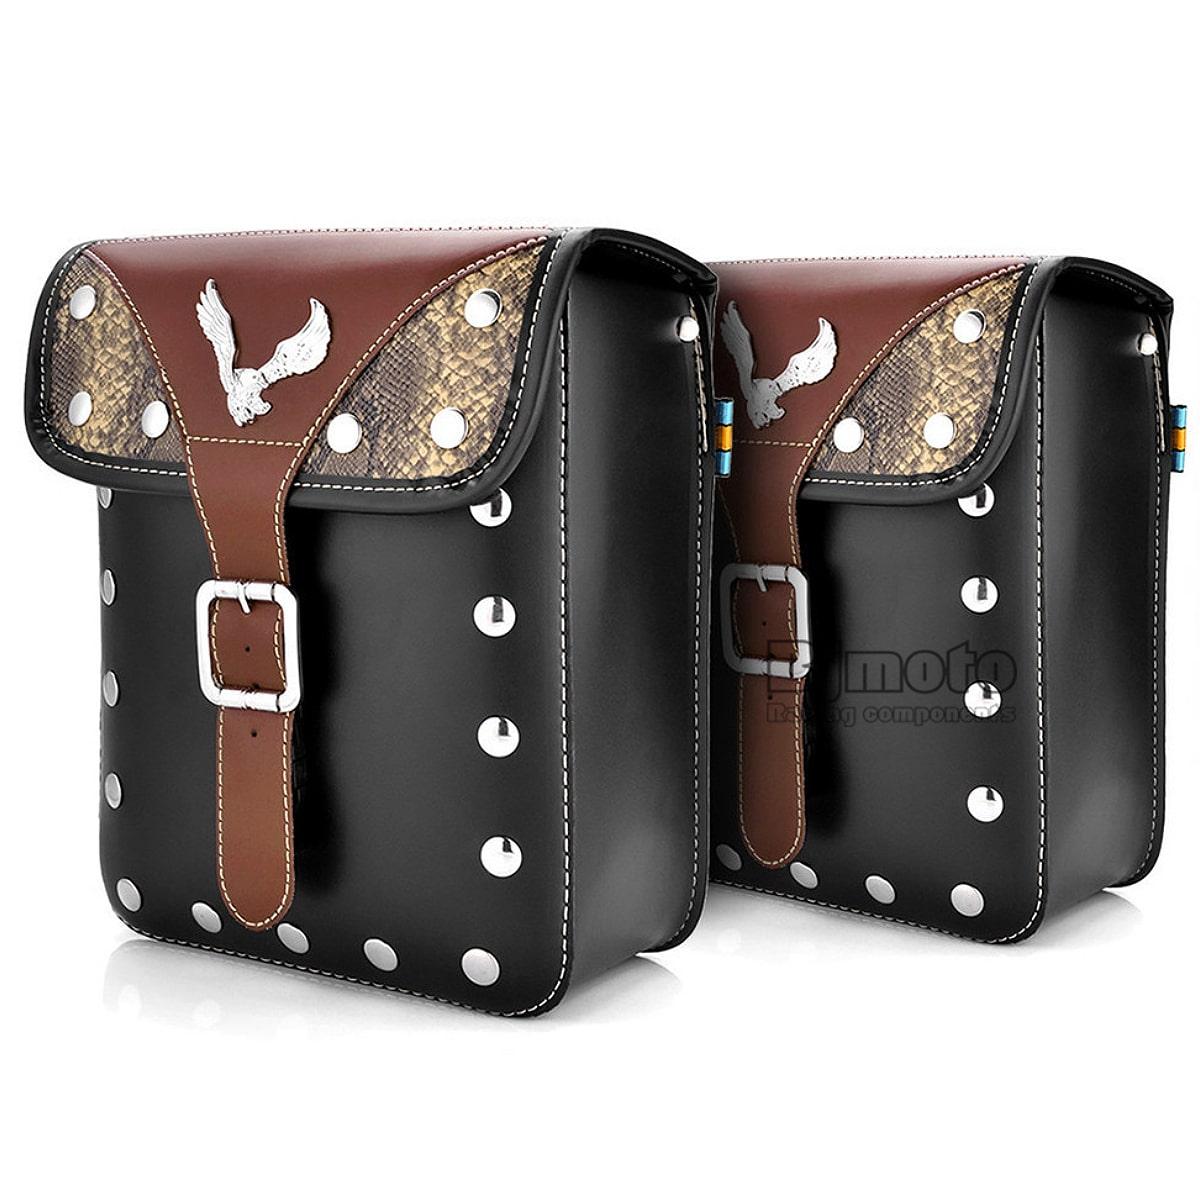 【送料無料!】2個セット! [Chrome Eagle Studs Buckle PU Leather Tool Bag/Saddle Bag] クローム・イーグル・スタッズ・バックル・PUレザー・ツールバッグ サドルバッグ セット! ブラック 黒 鷲 ヘビ柄 パイソン 防水 Motorcycle アメリカンバイク Harley Storage Pouch